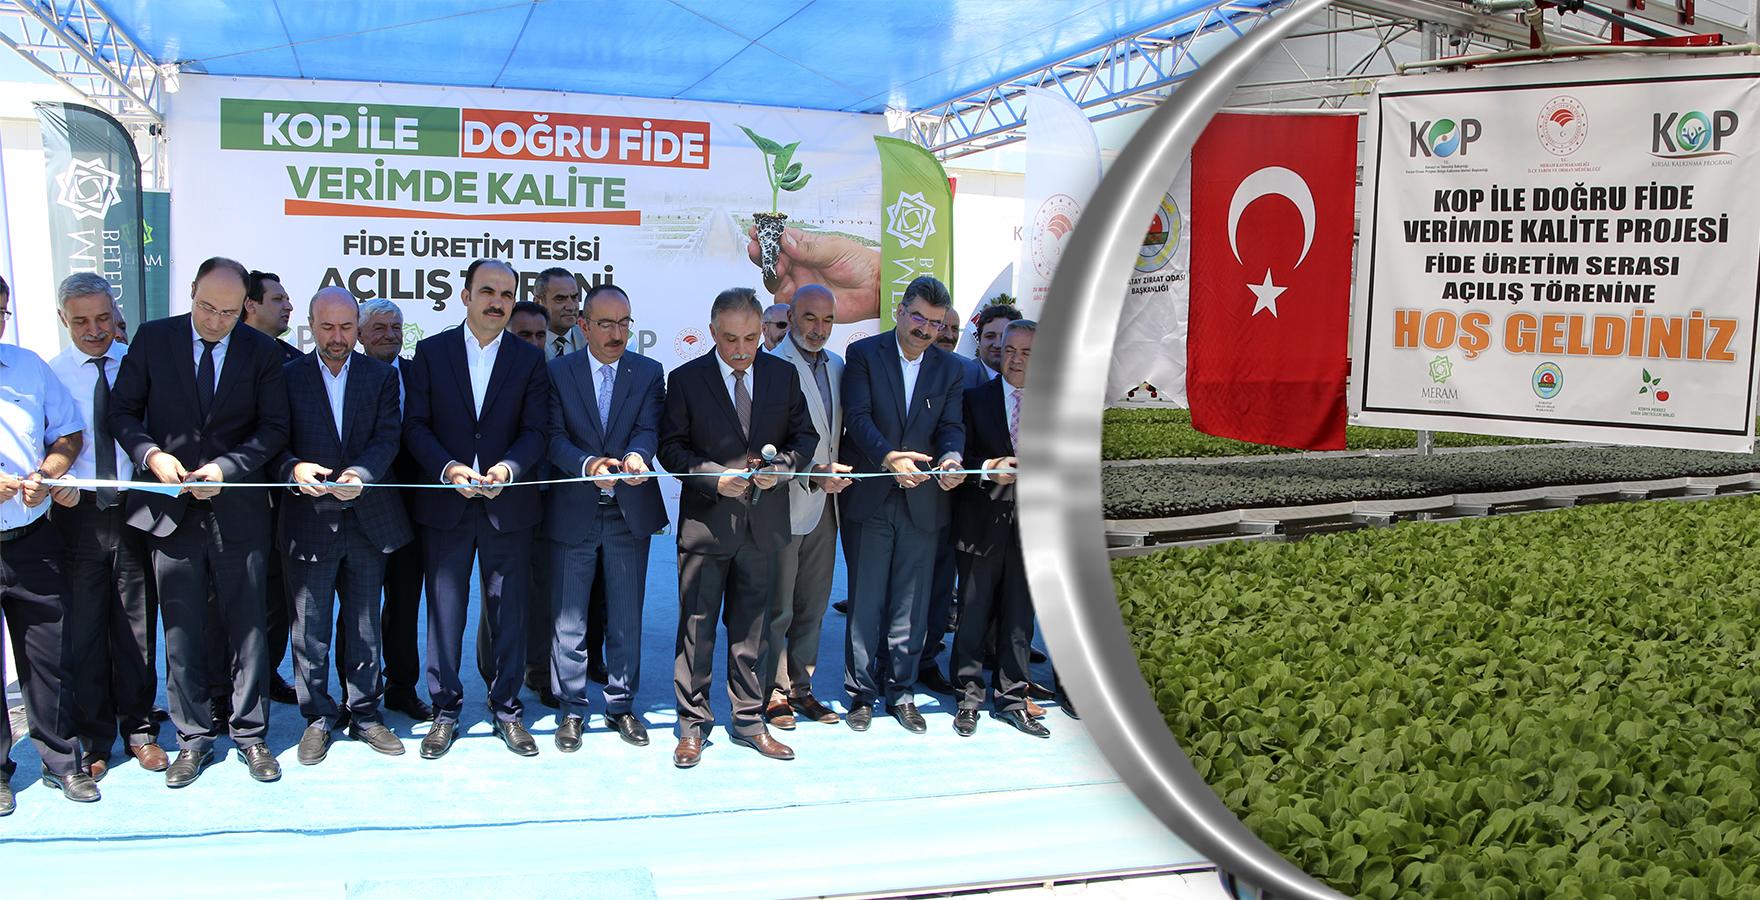 KOP Bölgesinin İlk 'Fide Üretim Tesisi' Konya'da Açıldı